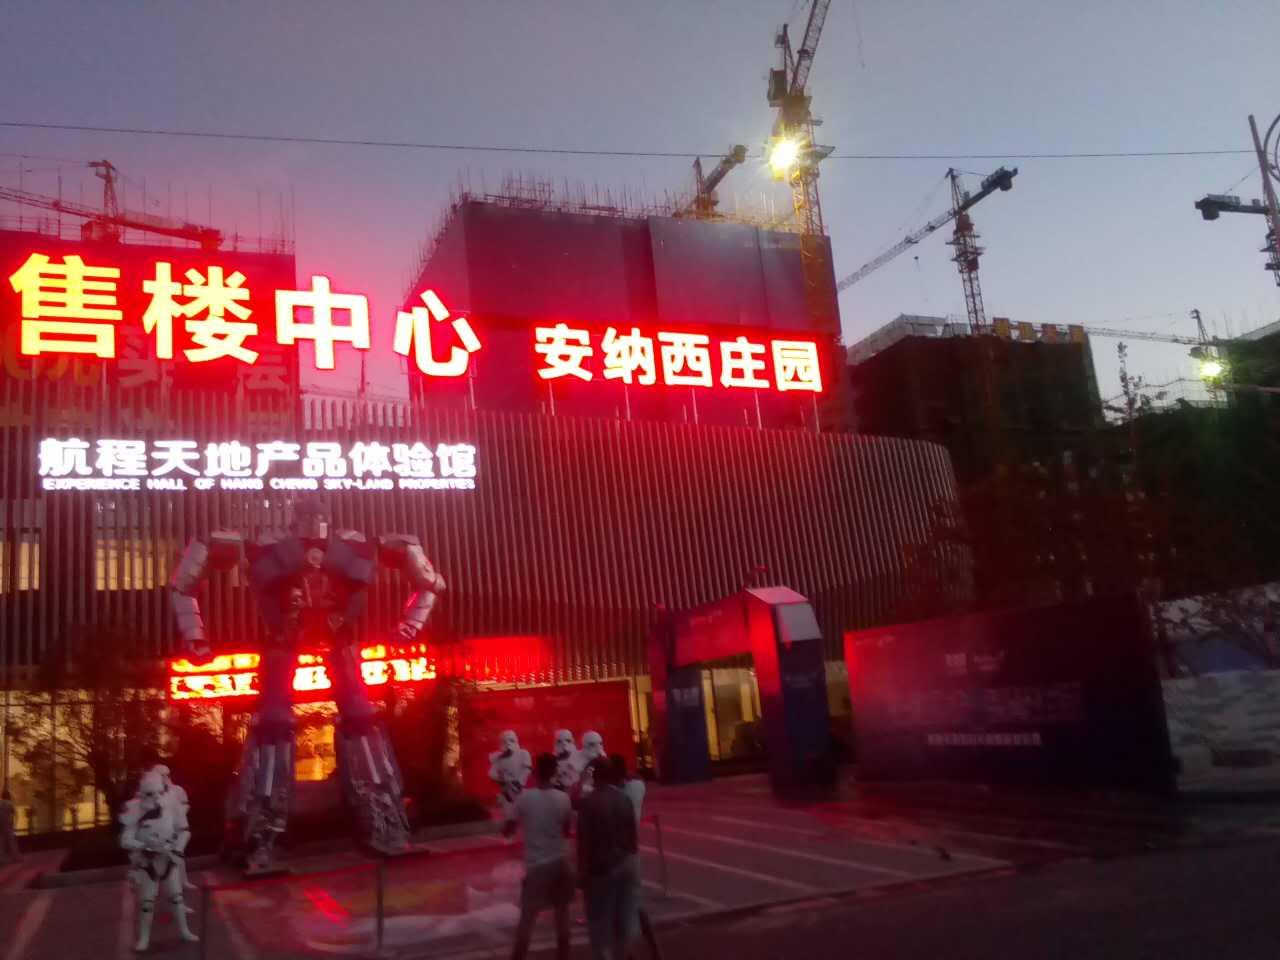 具有口碑的大型楼顶发光字定制服务|专业的大